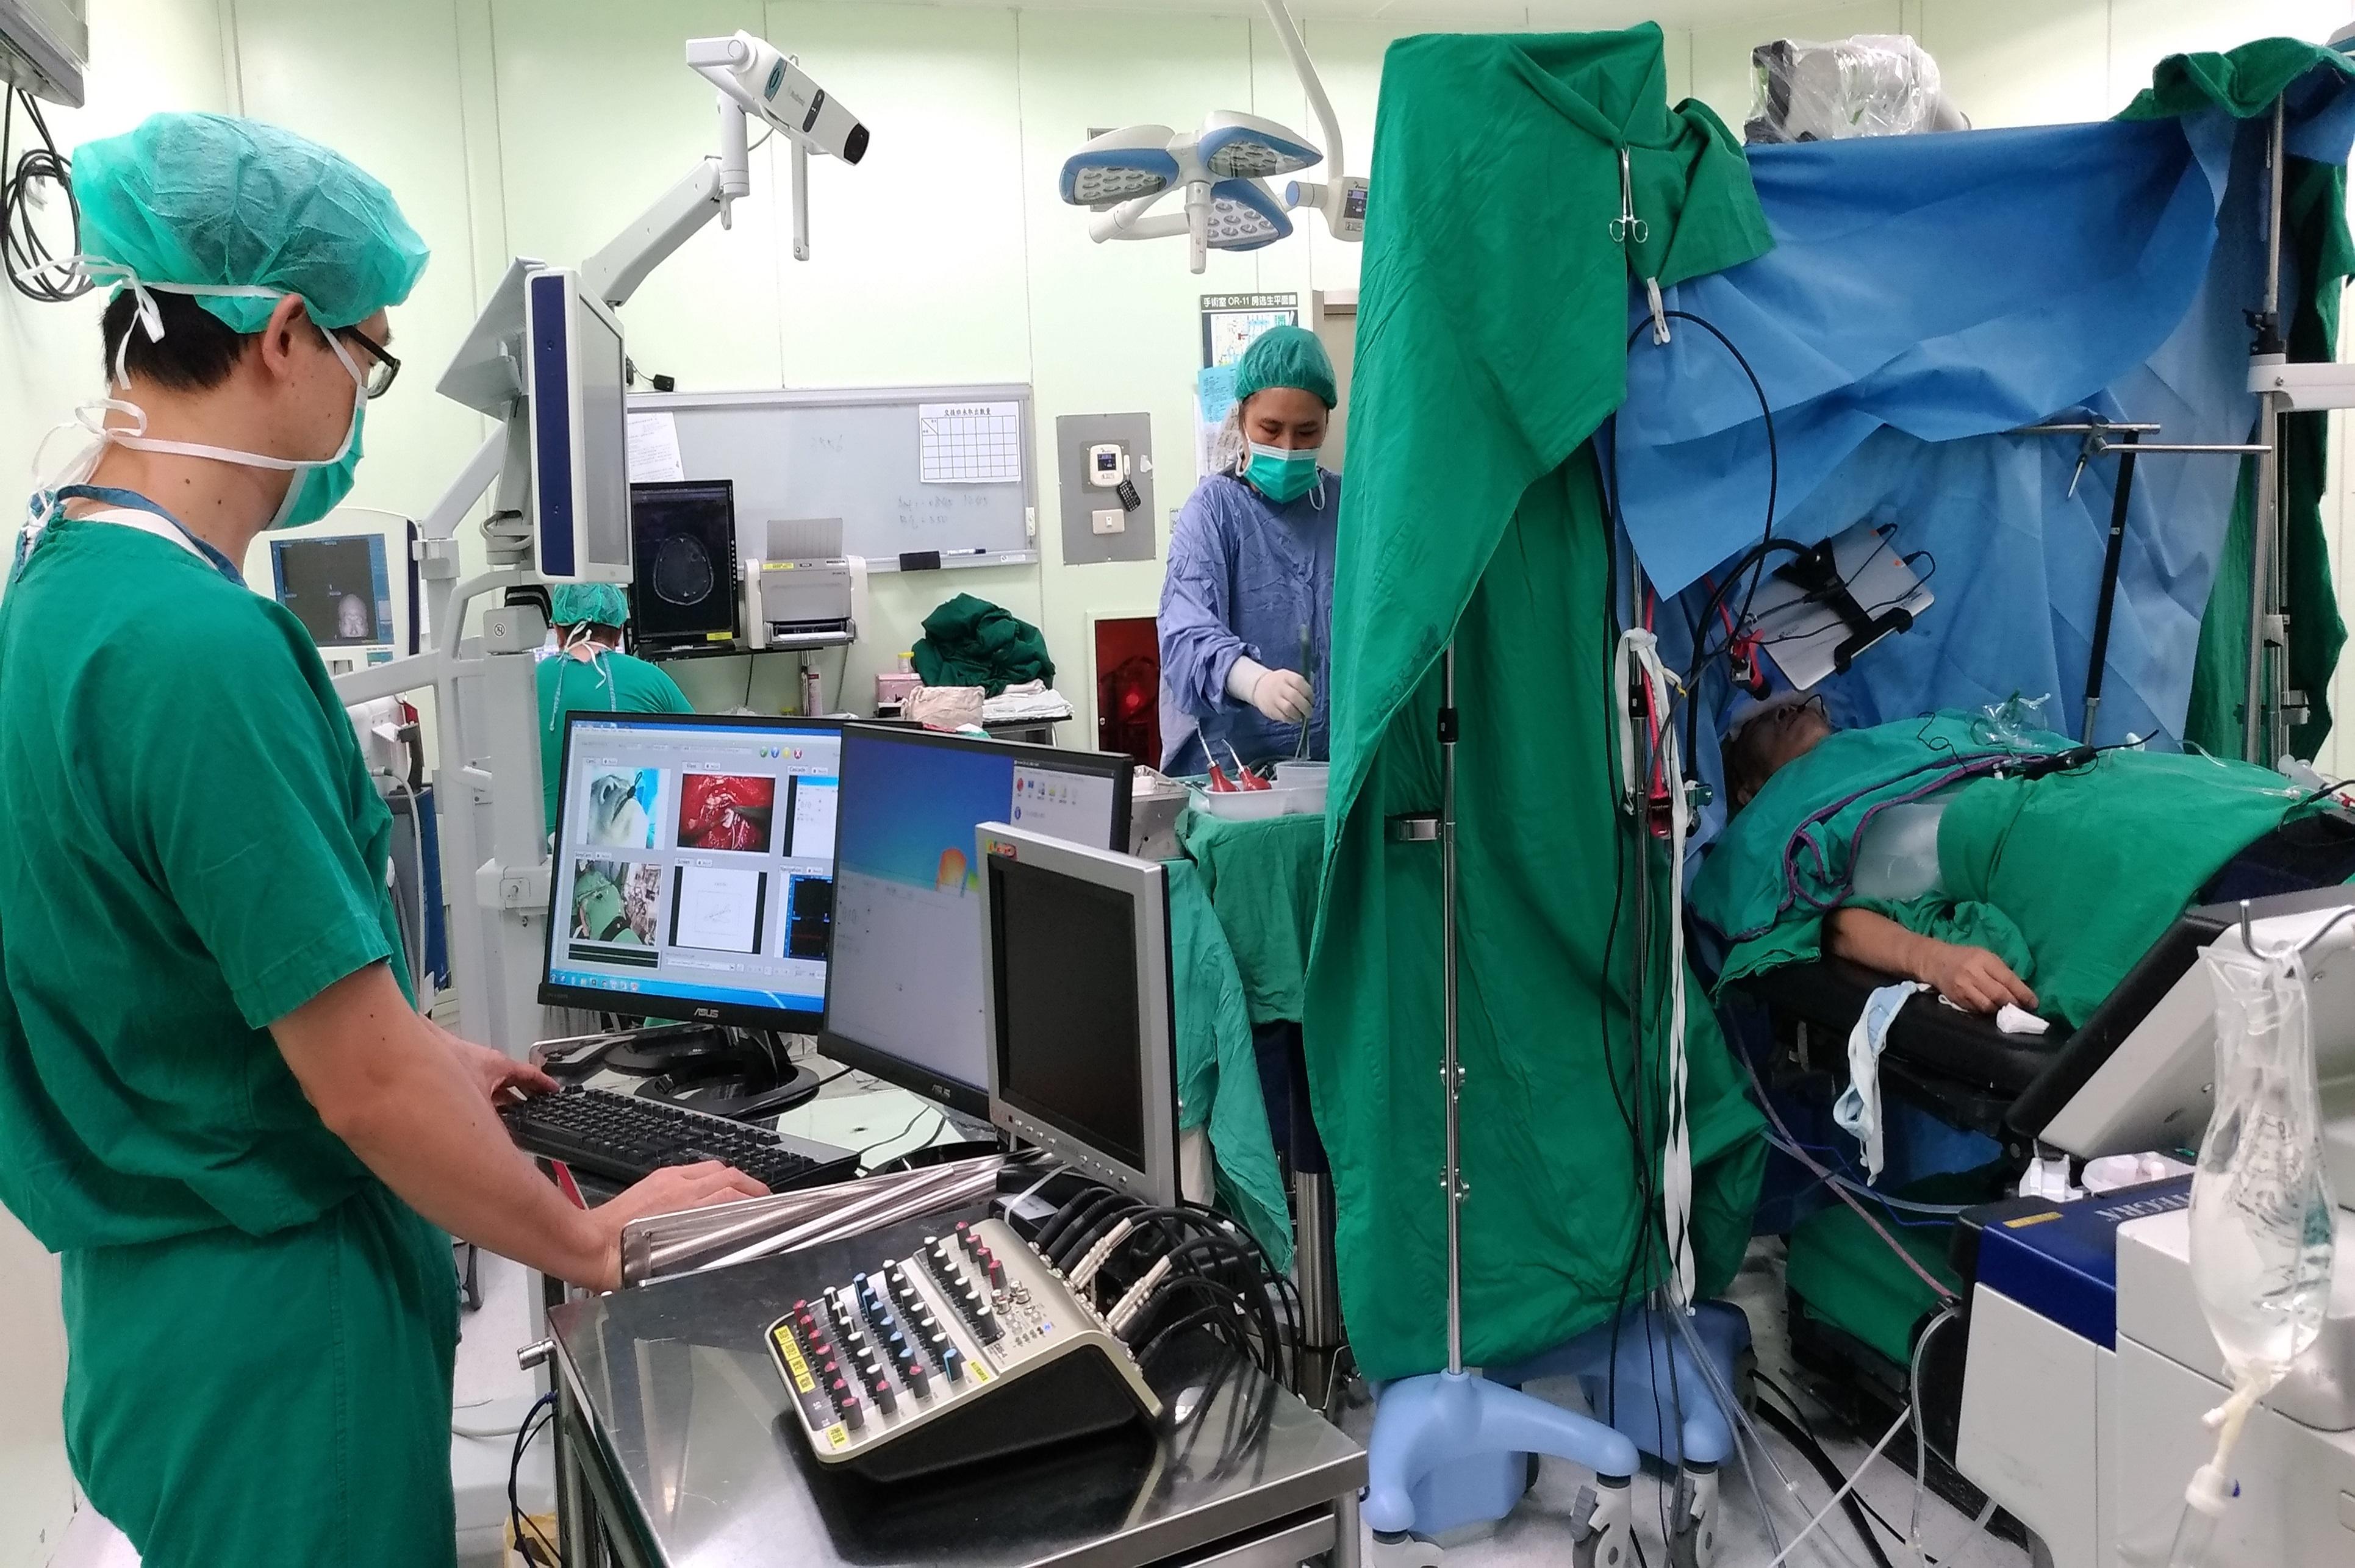 智慧醫療系統運用於清醒開顱手術的場景